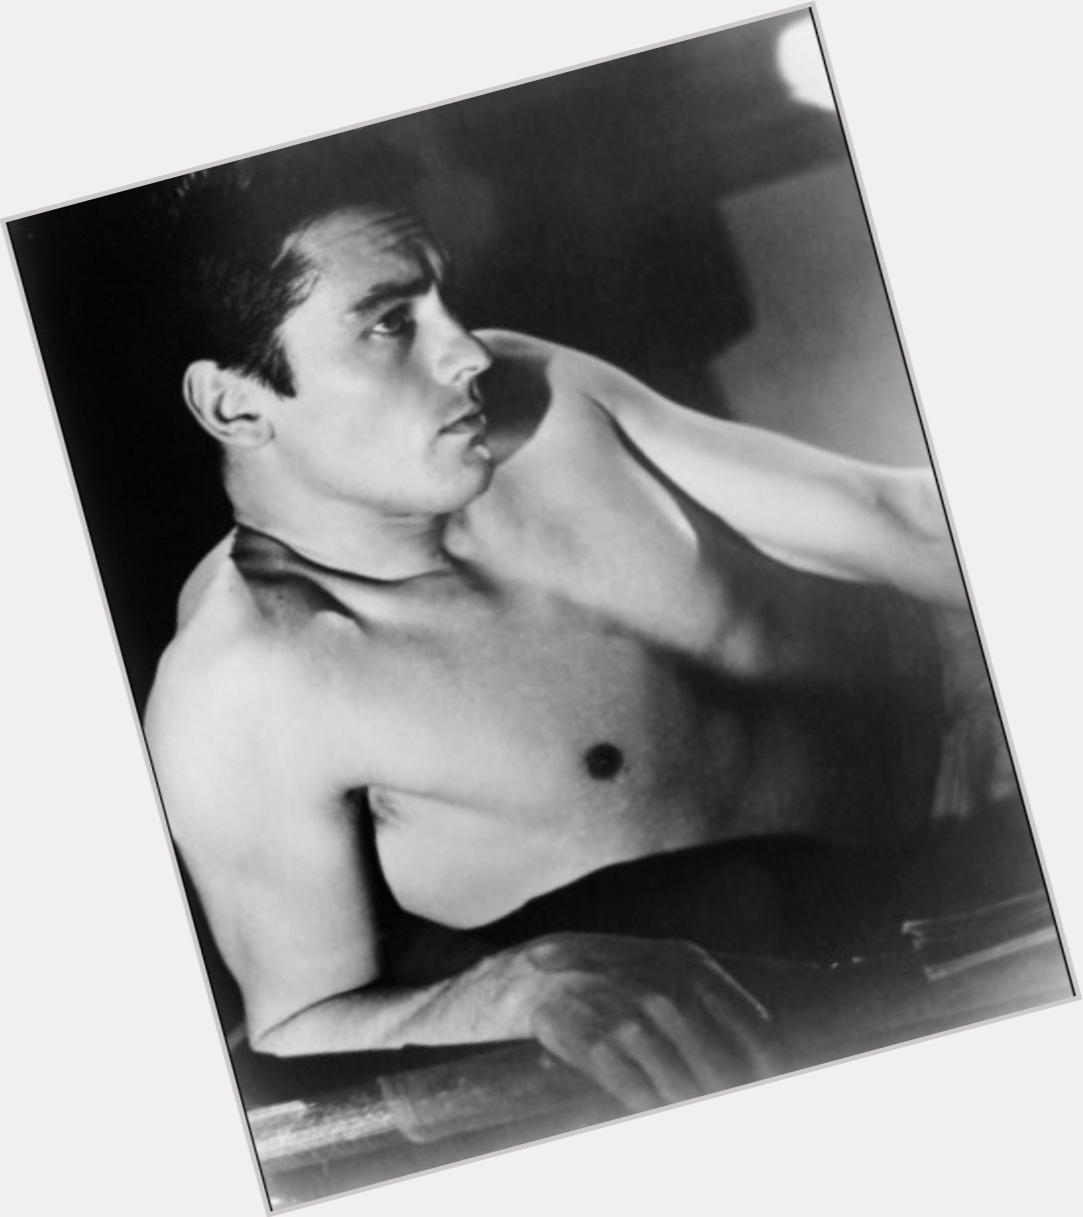 """<a href=""""/hot-men/rene-clement/where-dating-news-photos"""">Rene Clement</a>"""